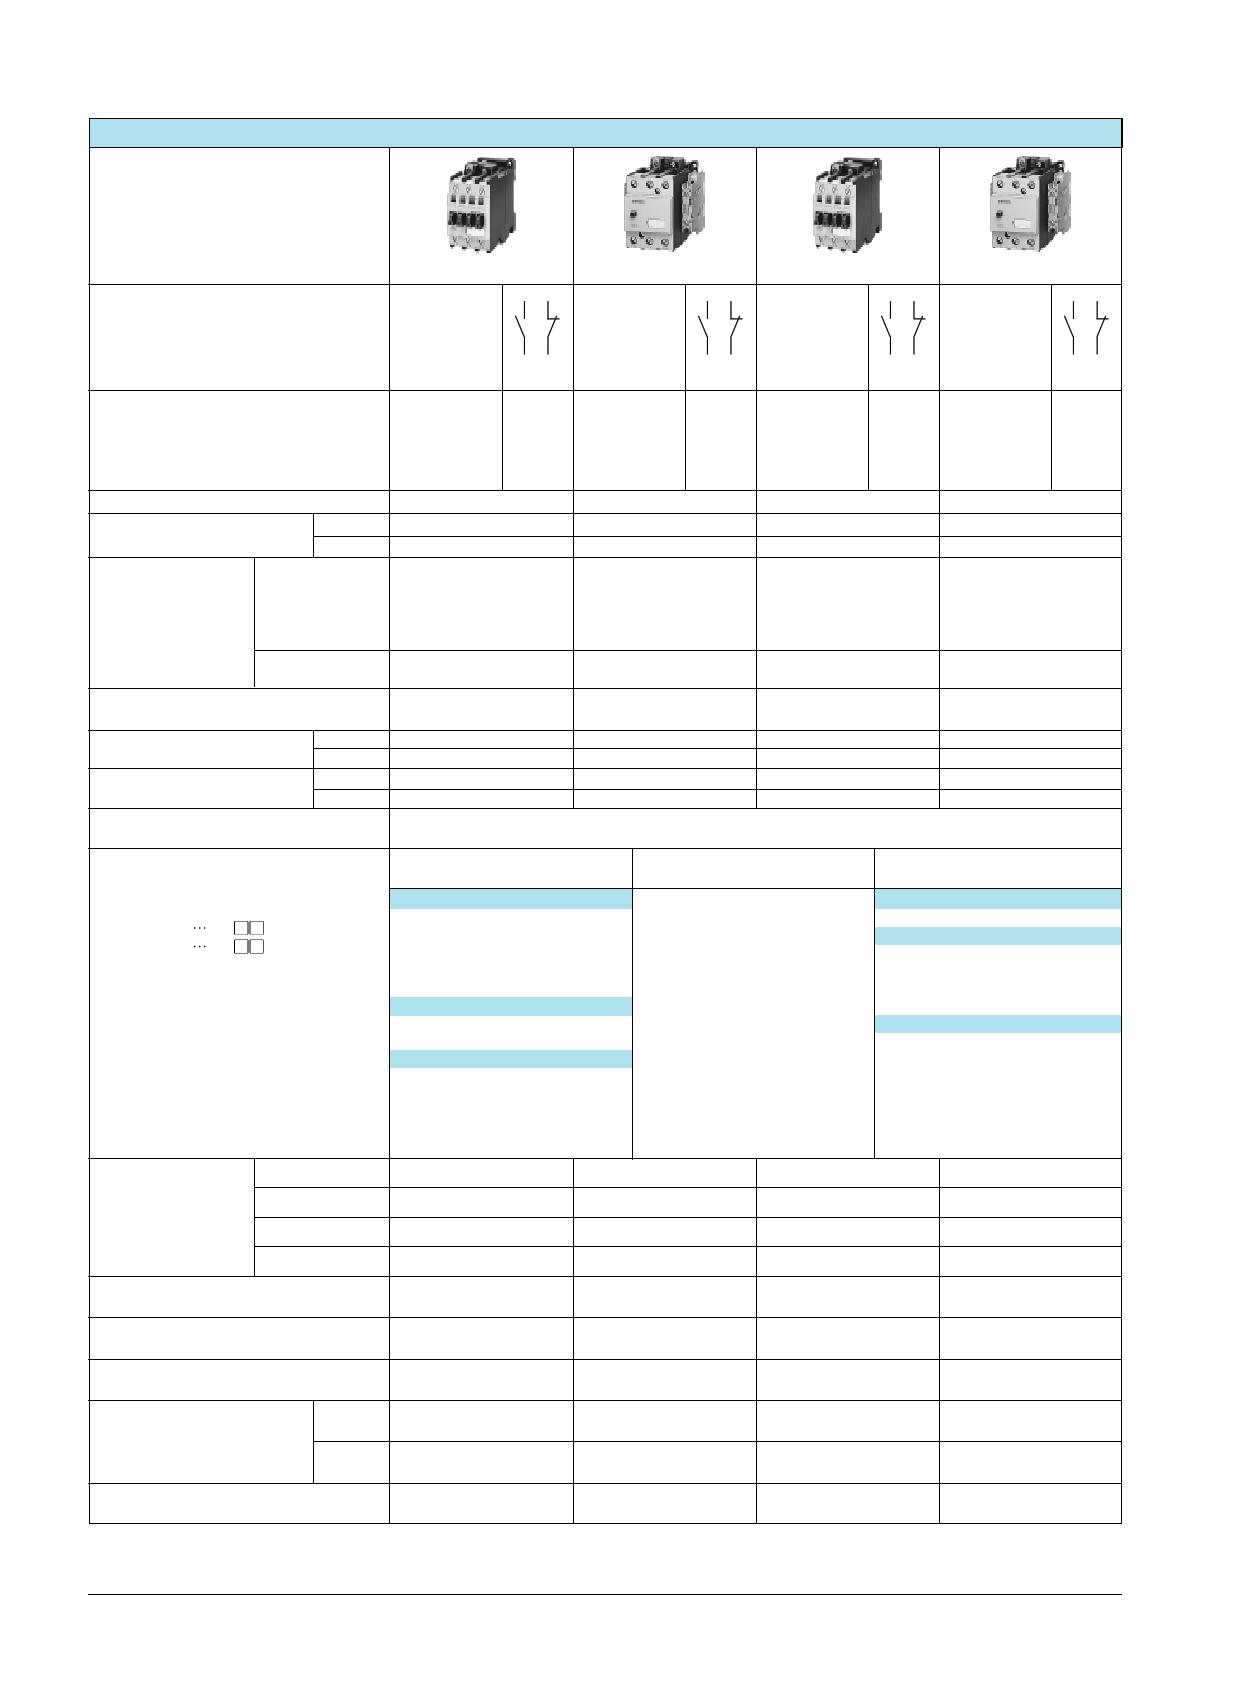 3TF49 pdf, 電子部品, 半導体, ピン配列